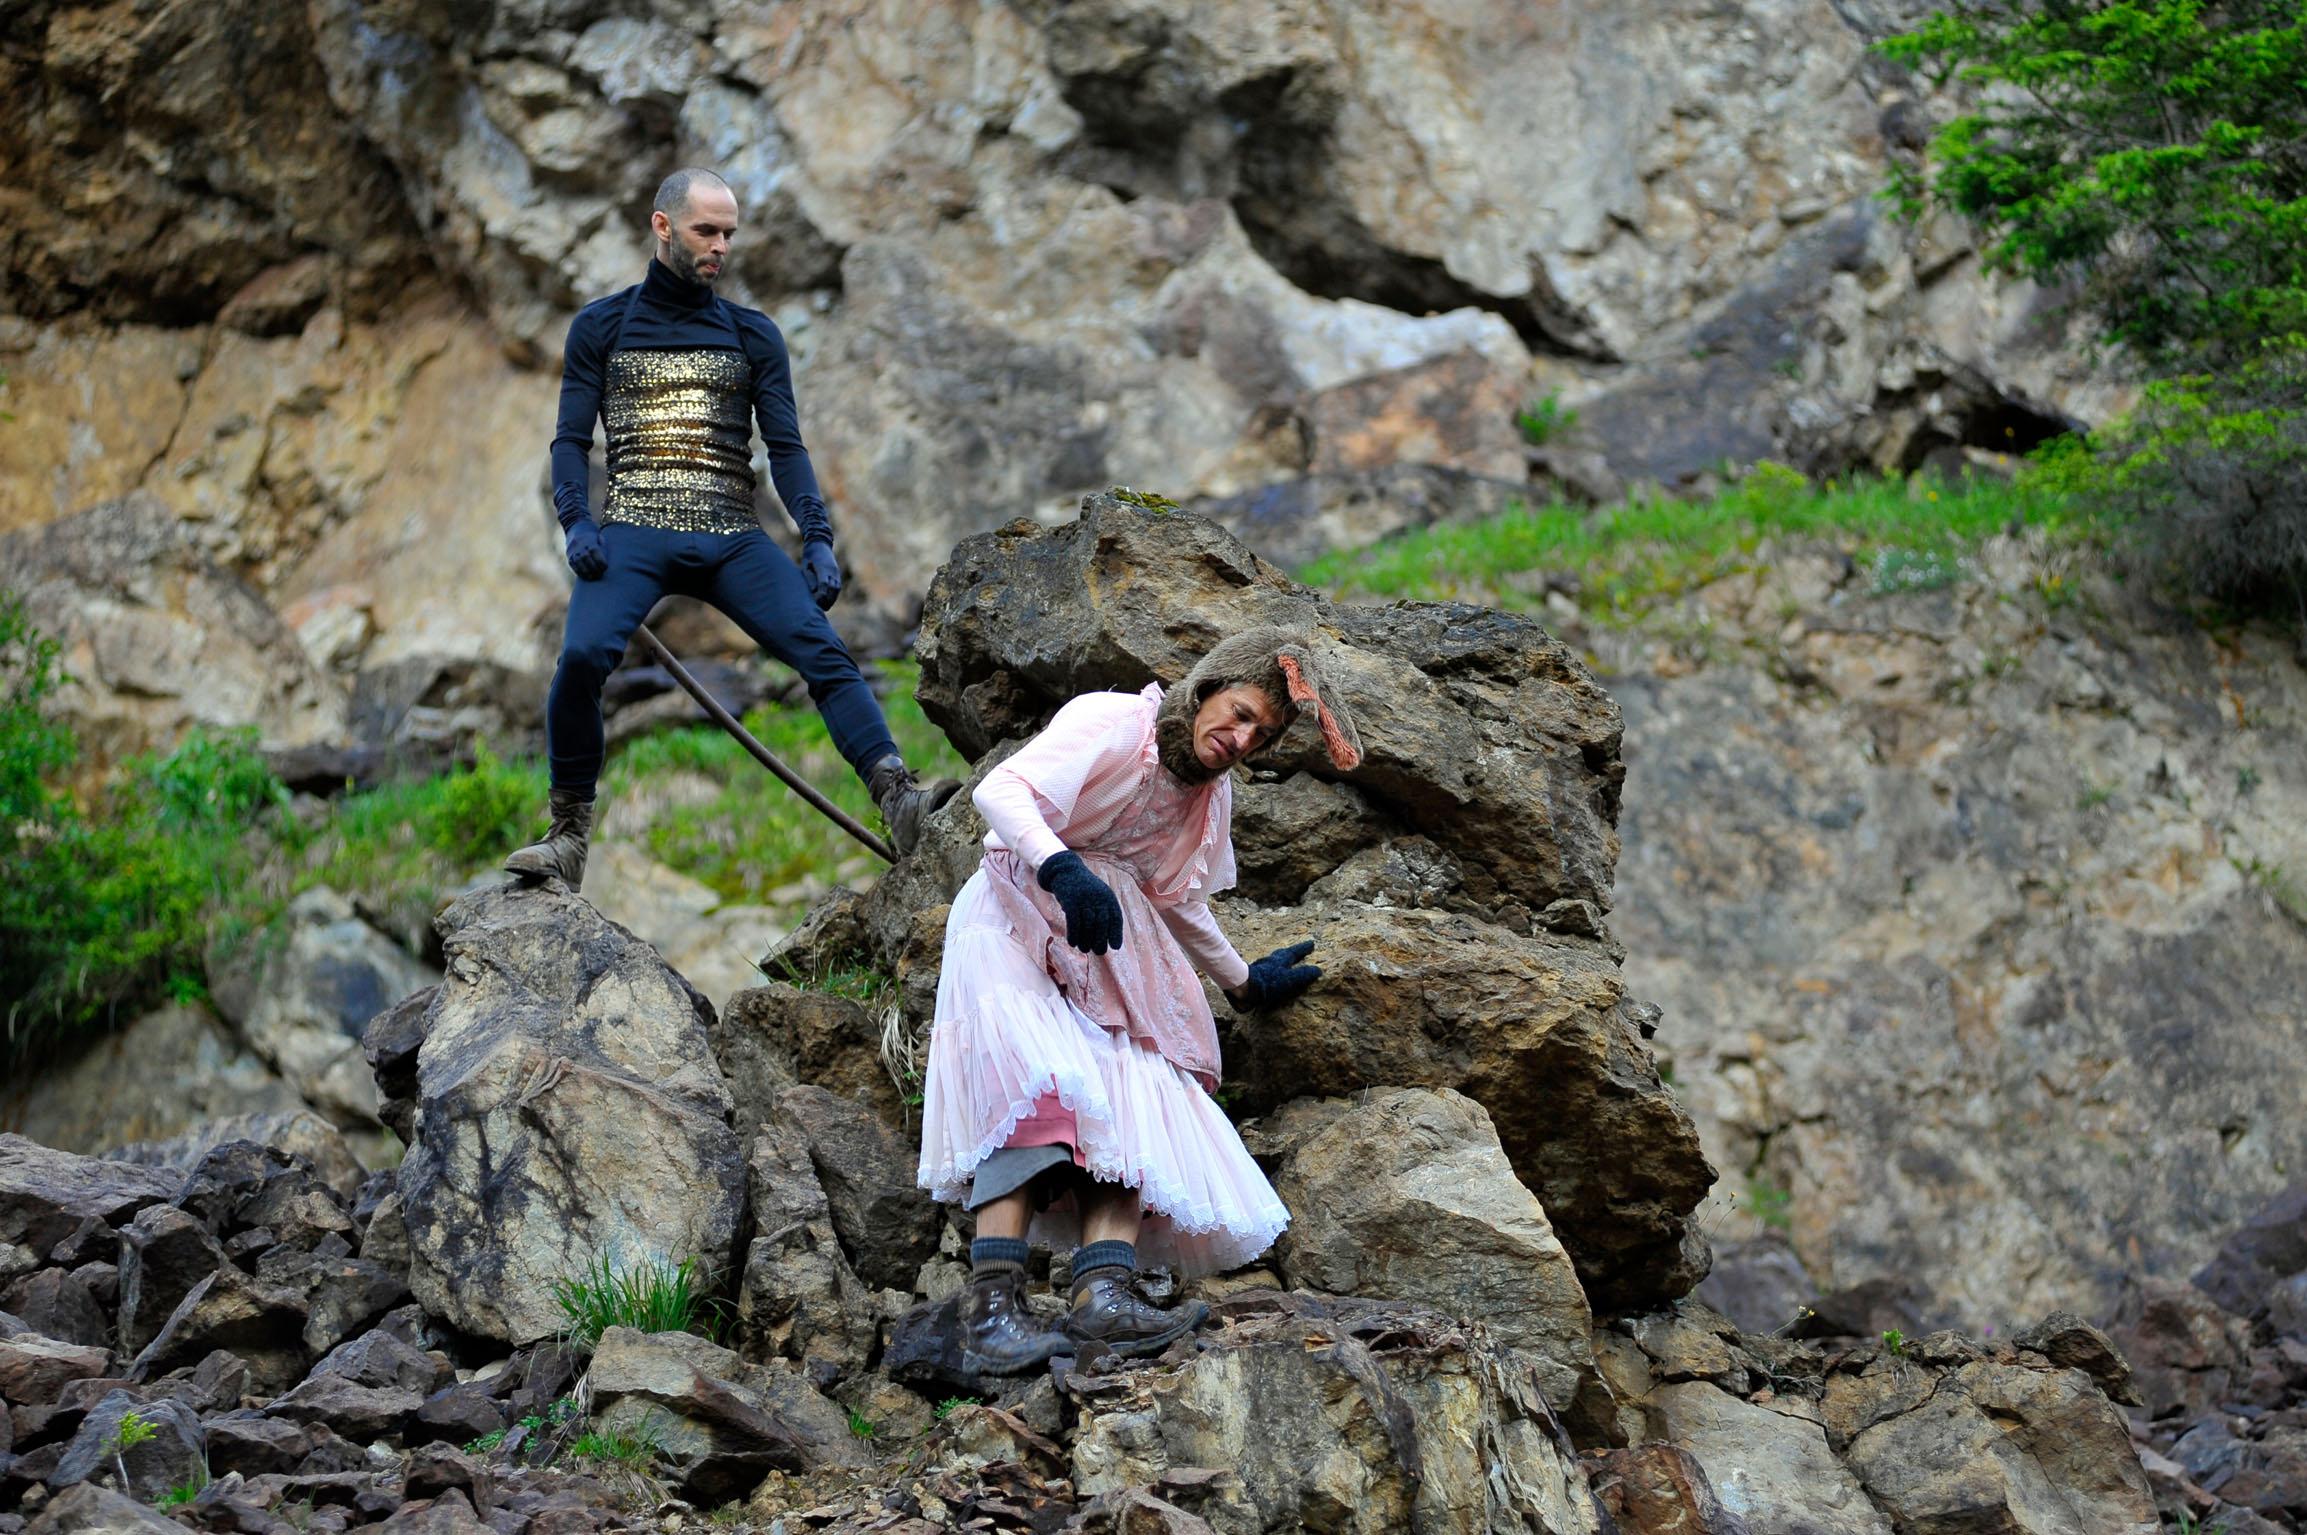 Die Eumeniden stellen Natur und Zivilisation im stillgelegten Magnesit-Bergwerk einander gegenüber. c ortszeit